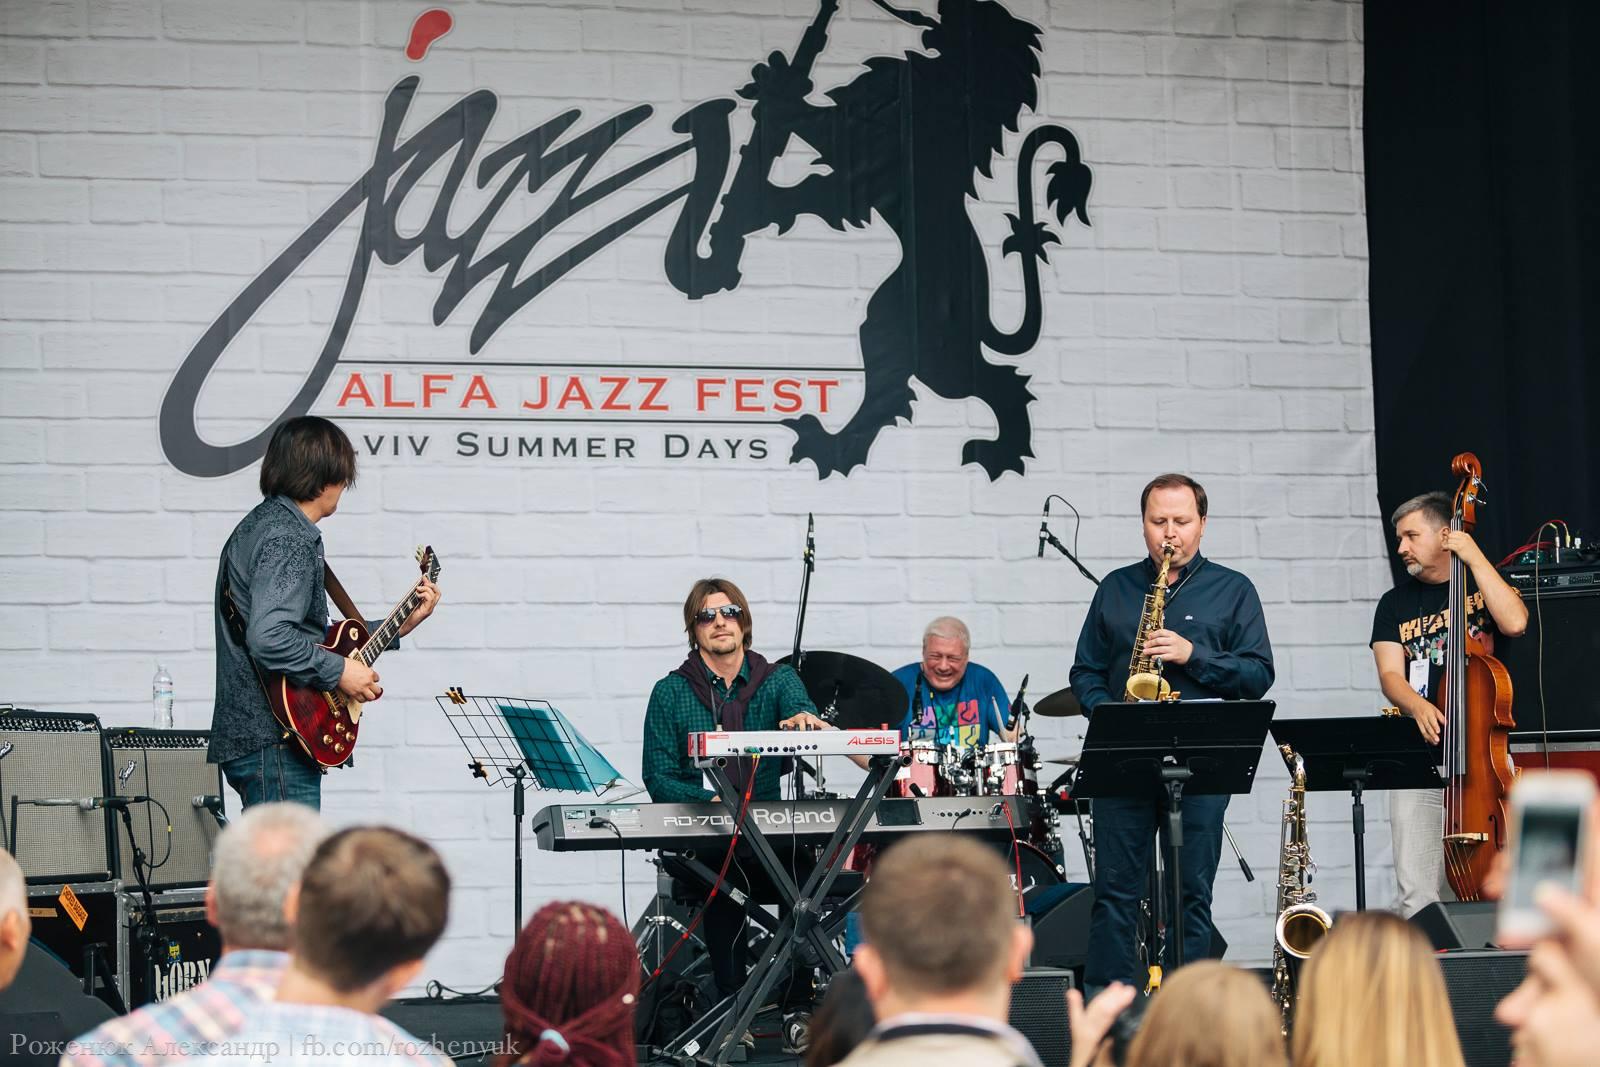 Противникам фестиваля в очередной раз напомнили, что джаз - аполитичен